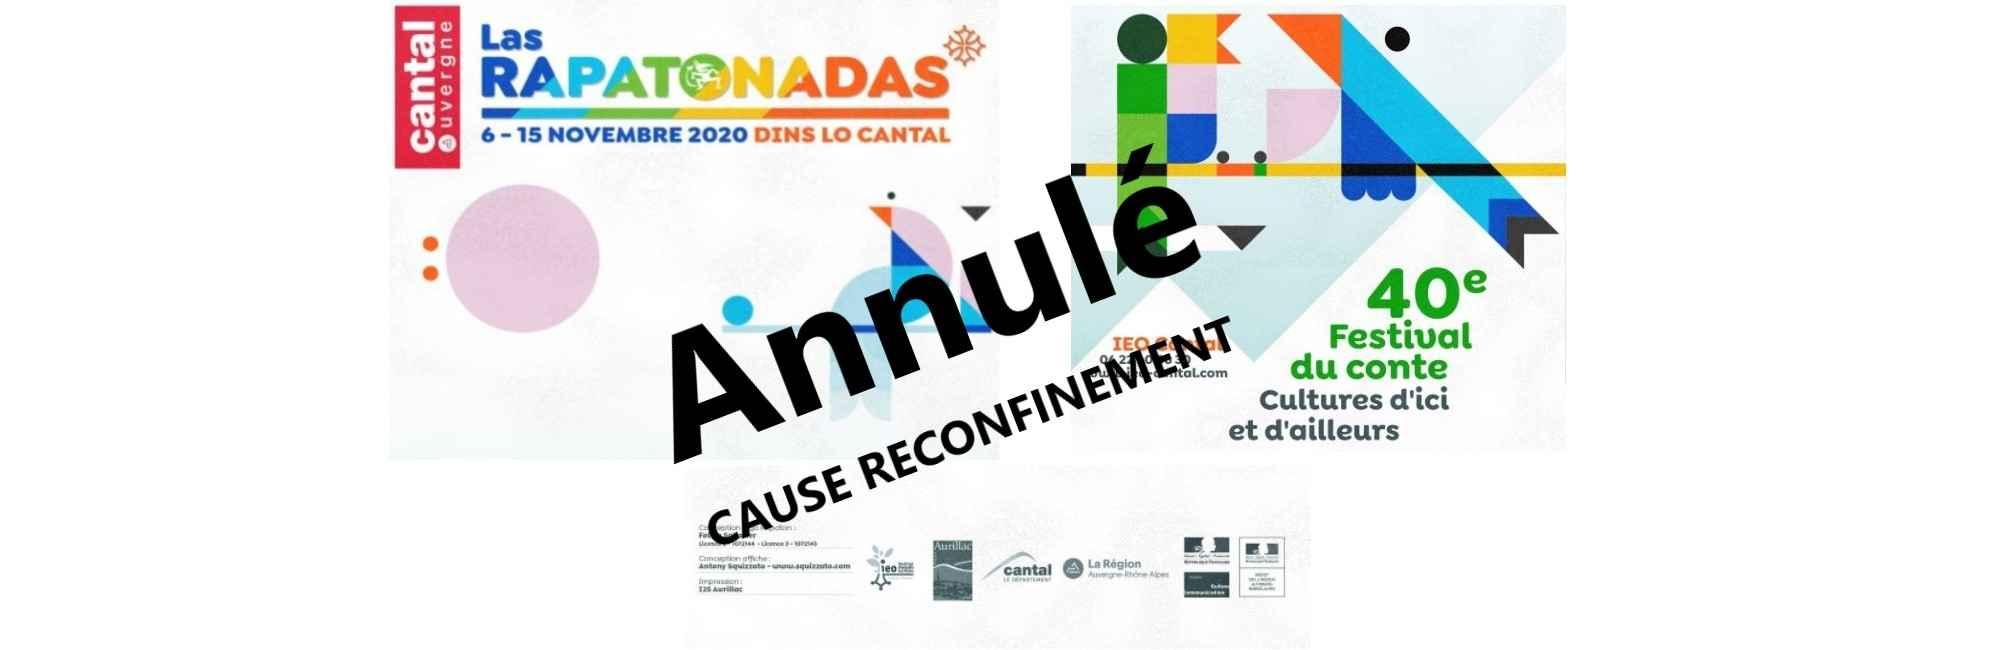 Affiche-Festival-Las-Rapatonadas-2020 annulé